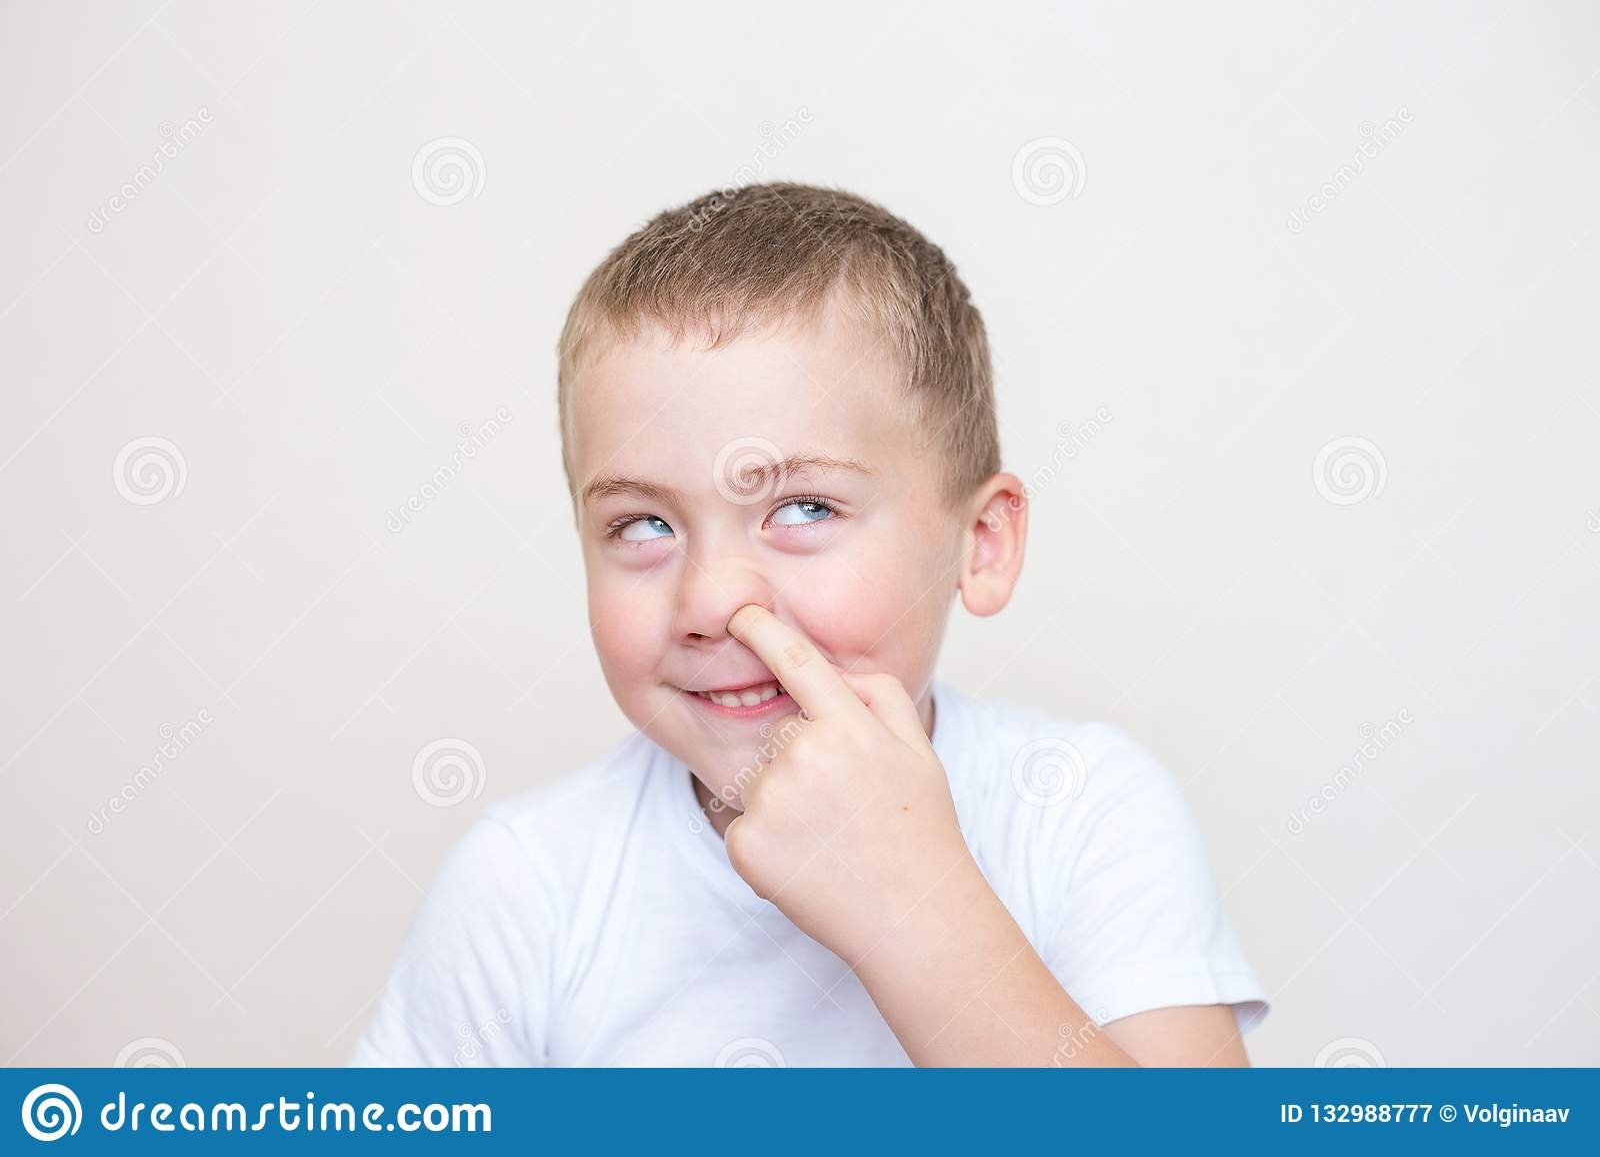 O rapaz pequeno está escolhendo seu nariz em um fundo branco